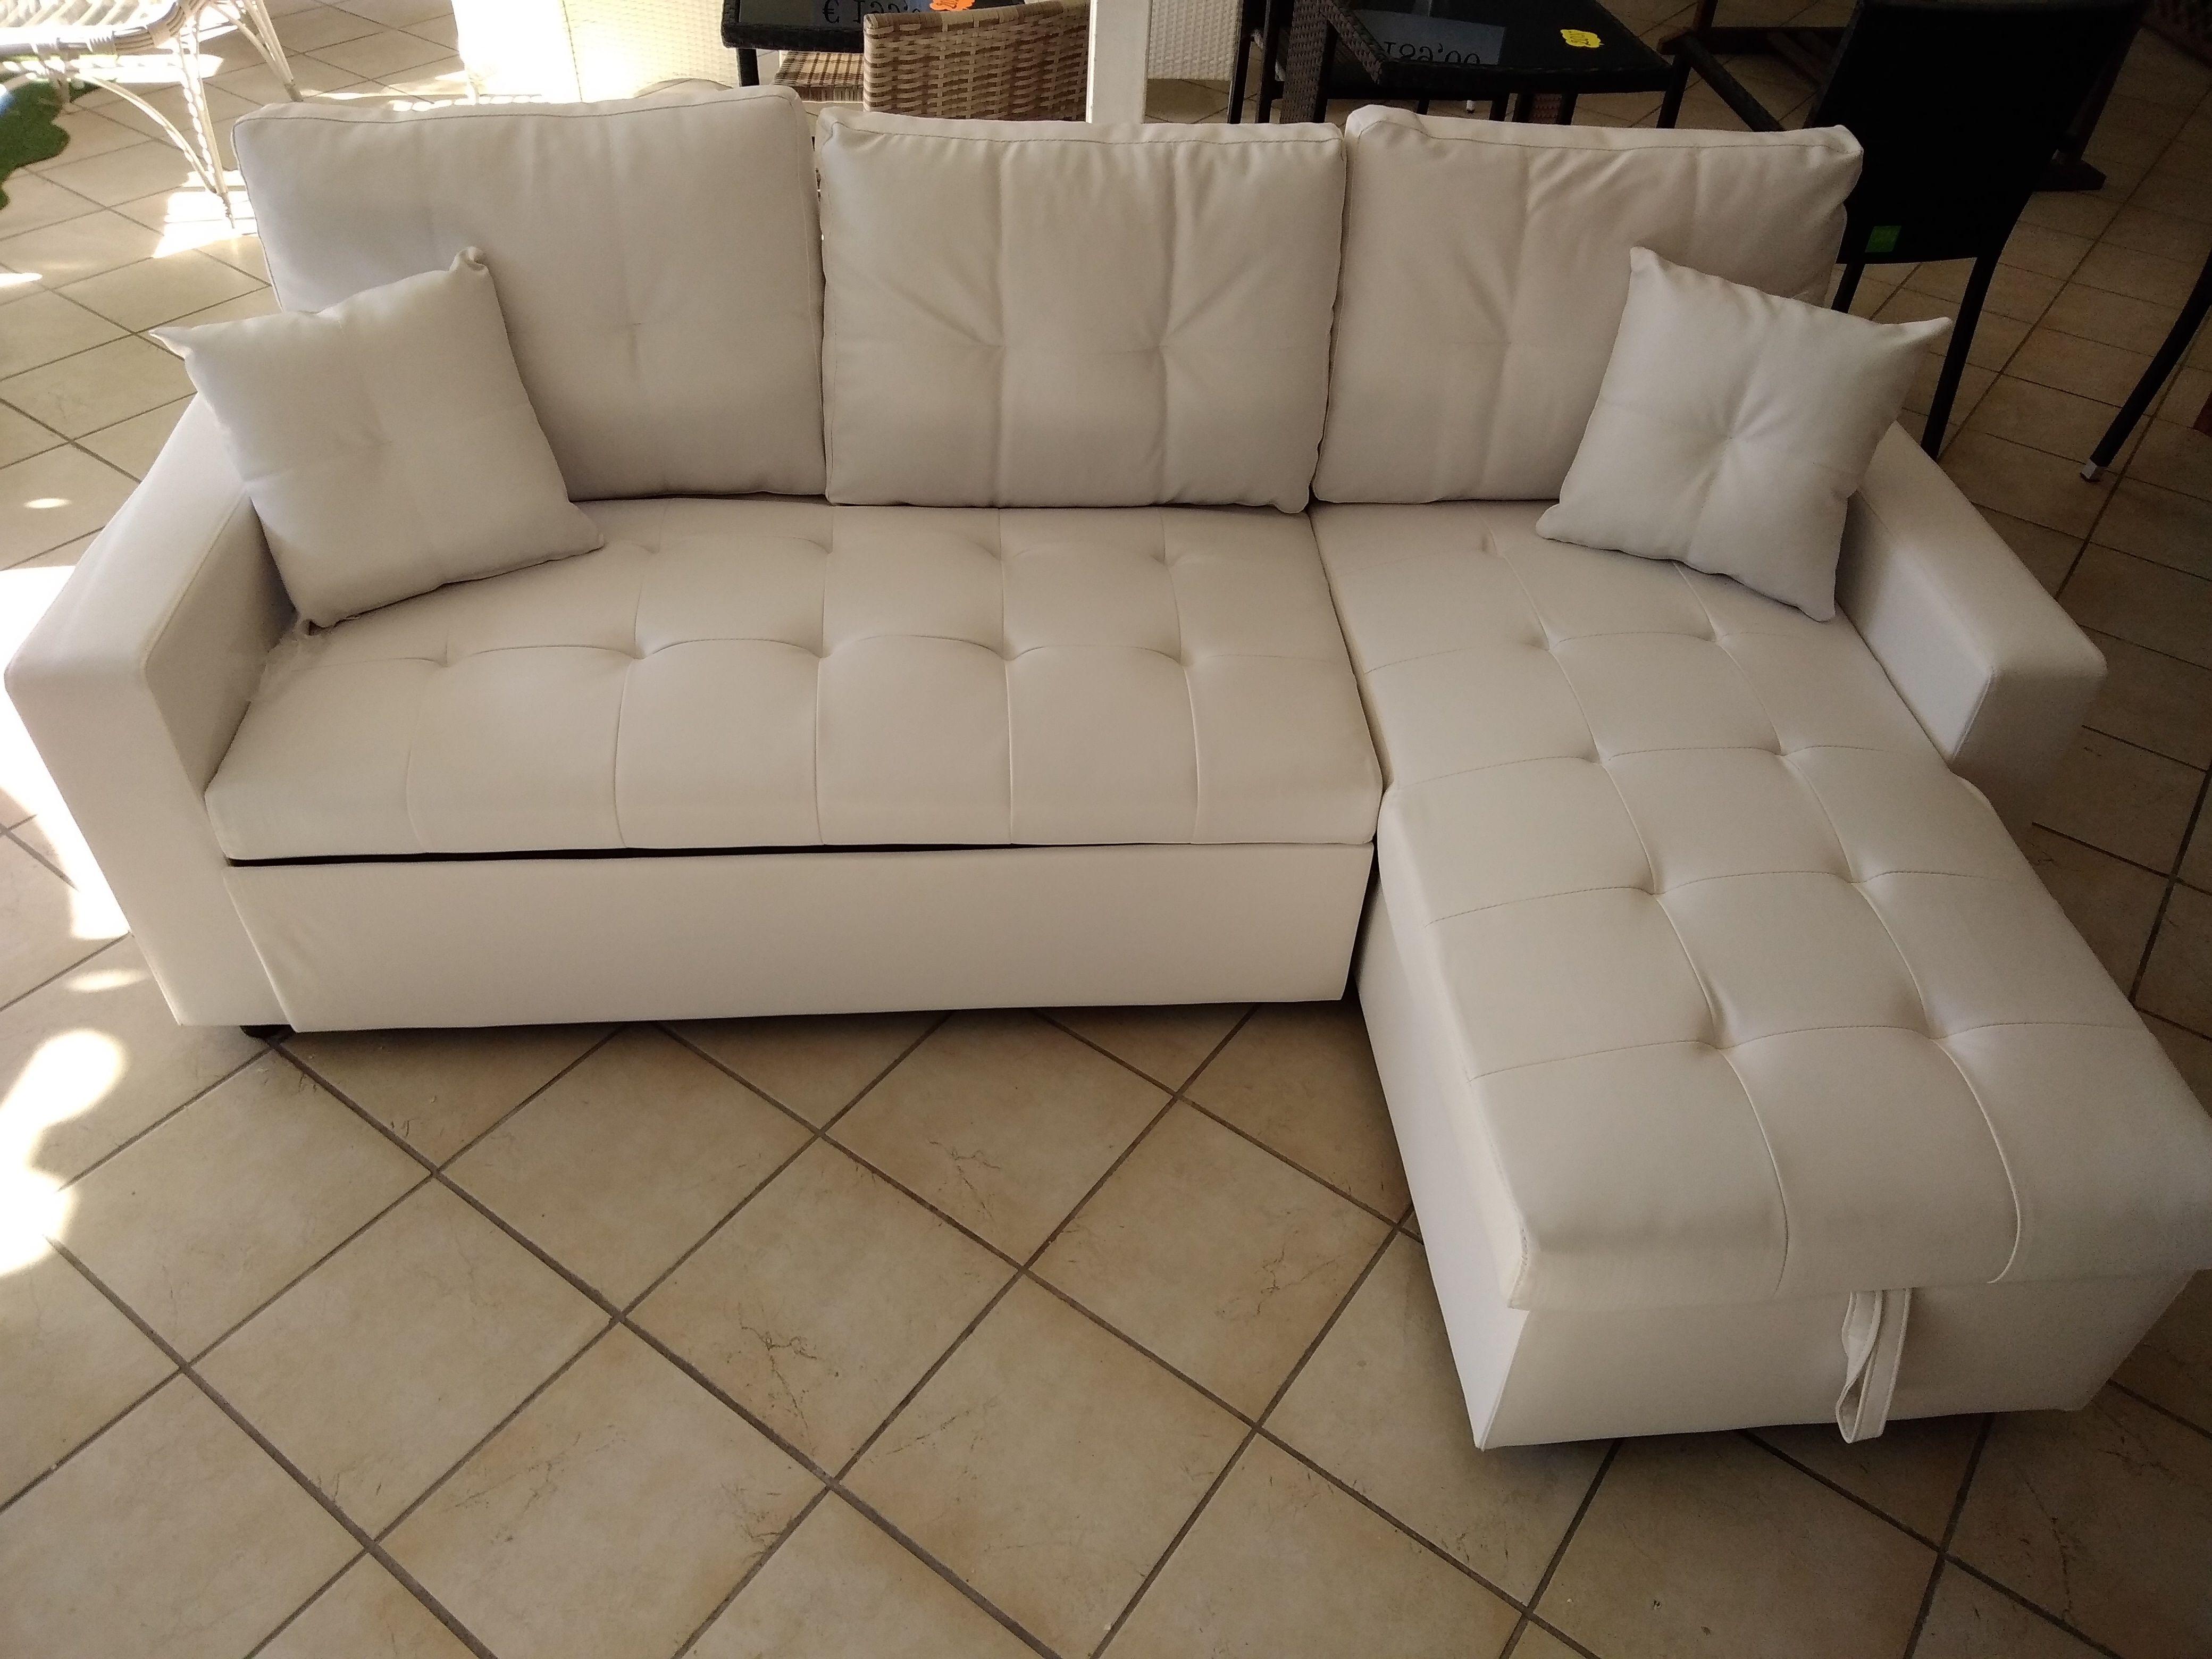 Divano Letto Bianco E Nero : Moderno bianco e nero costruzione wallpaper soggiorno divano letto